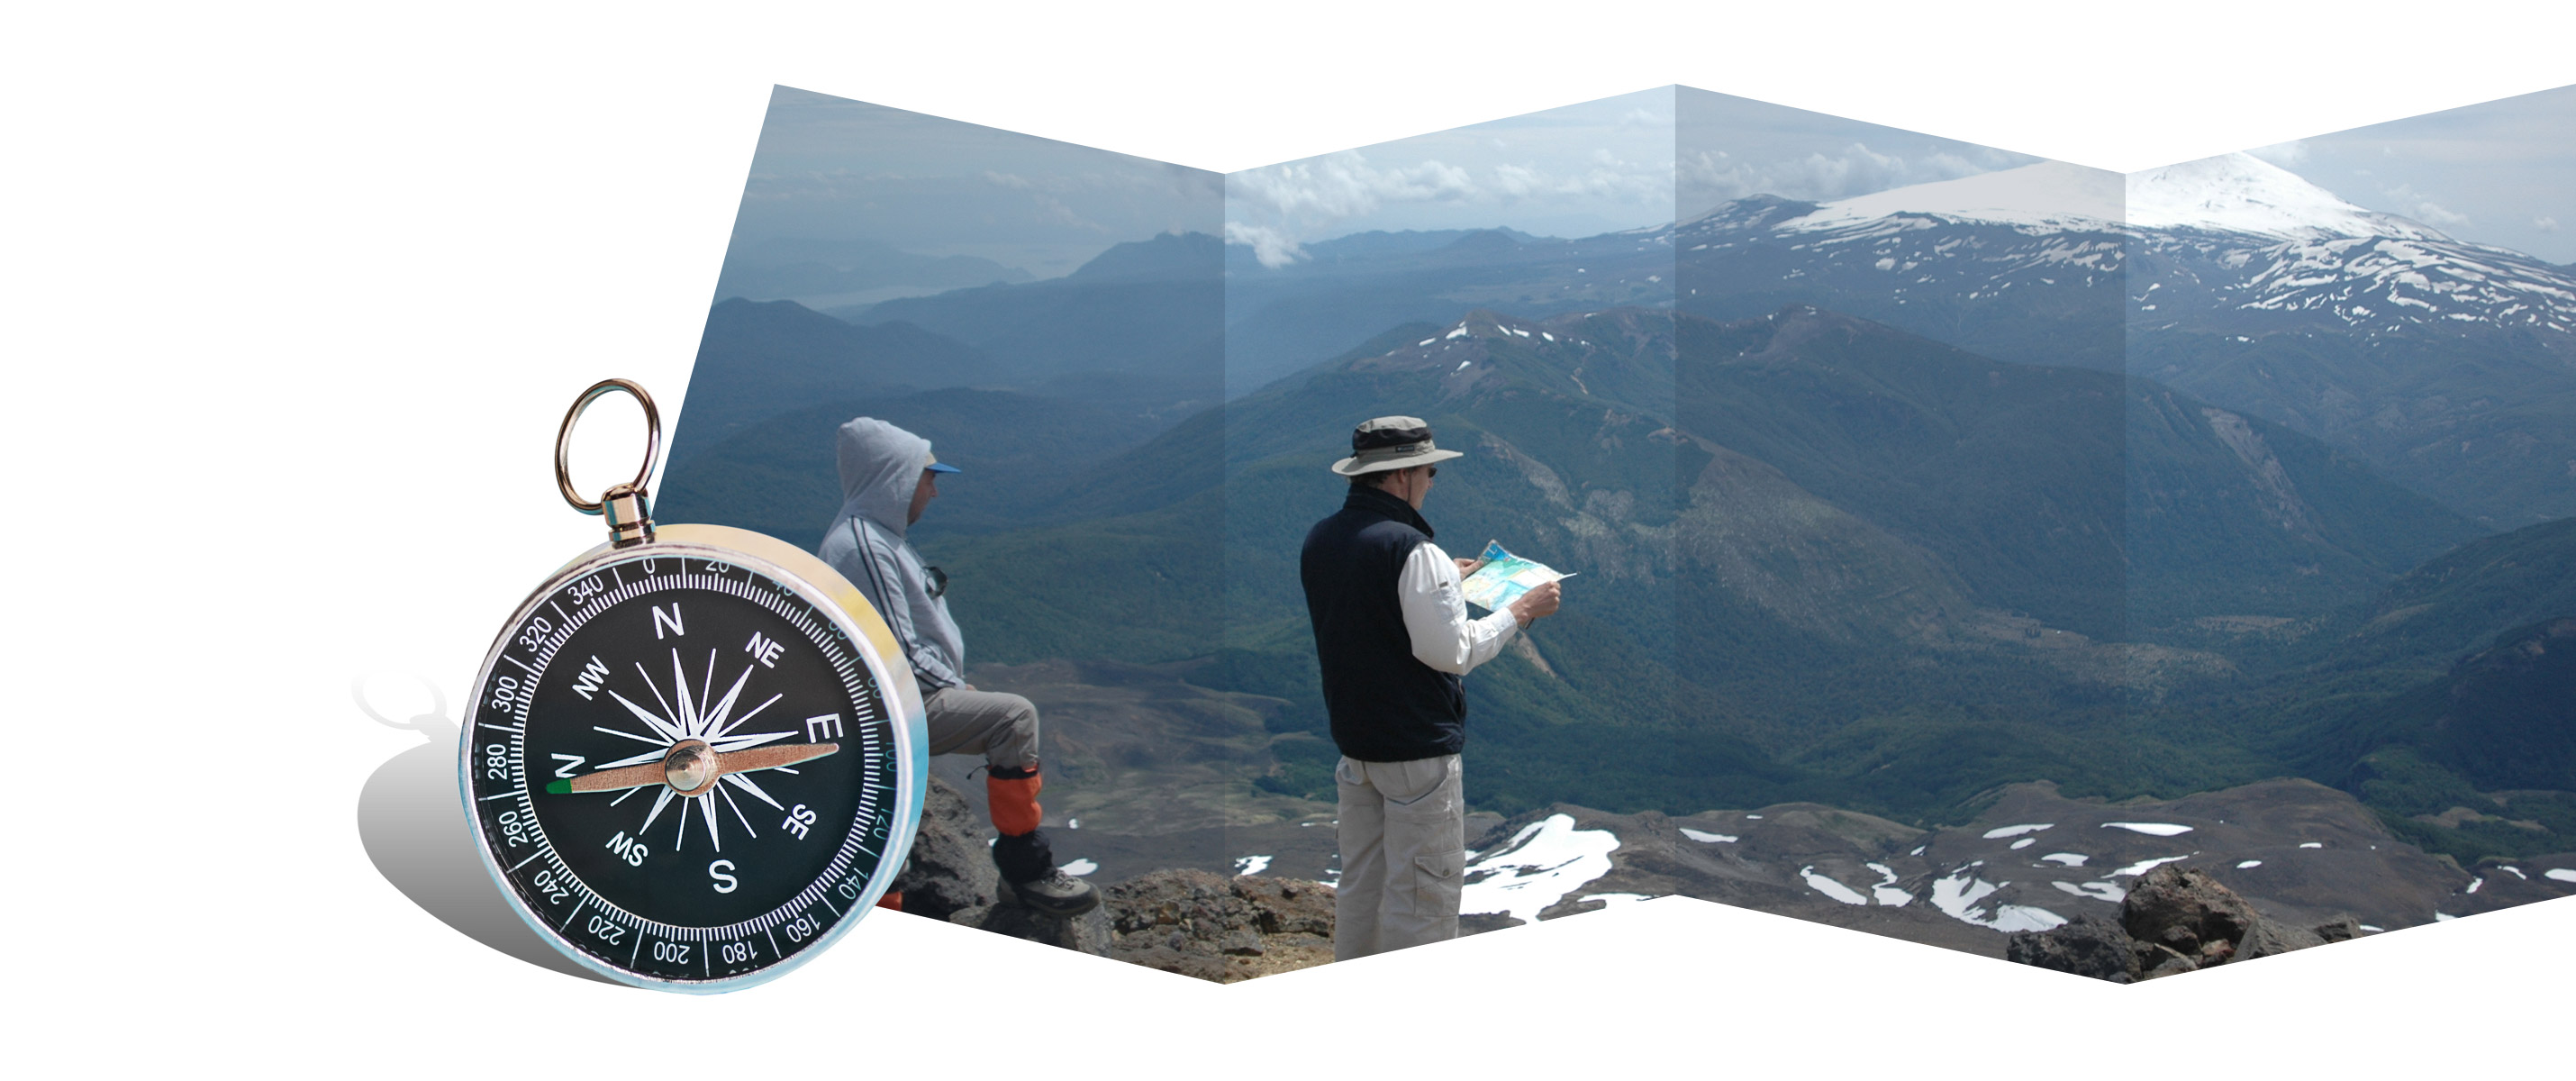 Informationen und Tipps zu Chile, Outdoor und Trekking